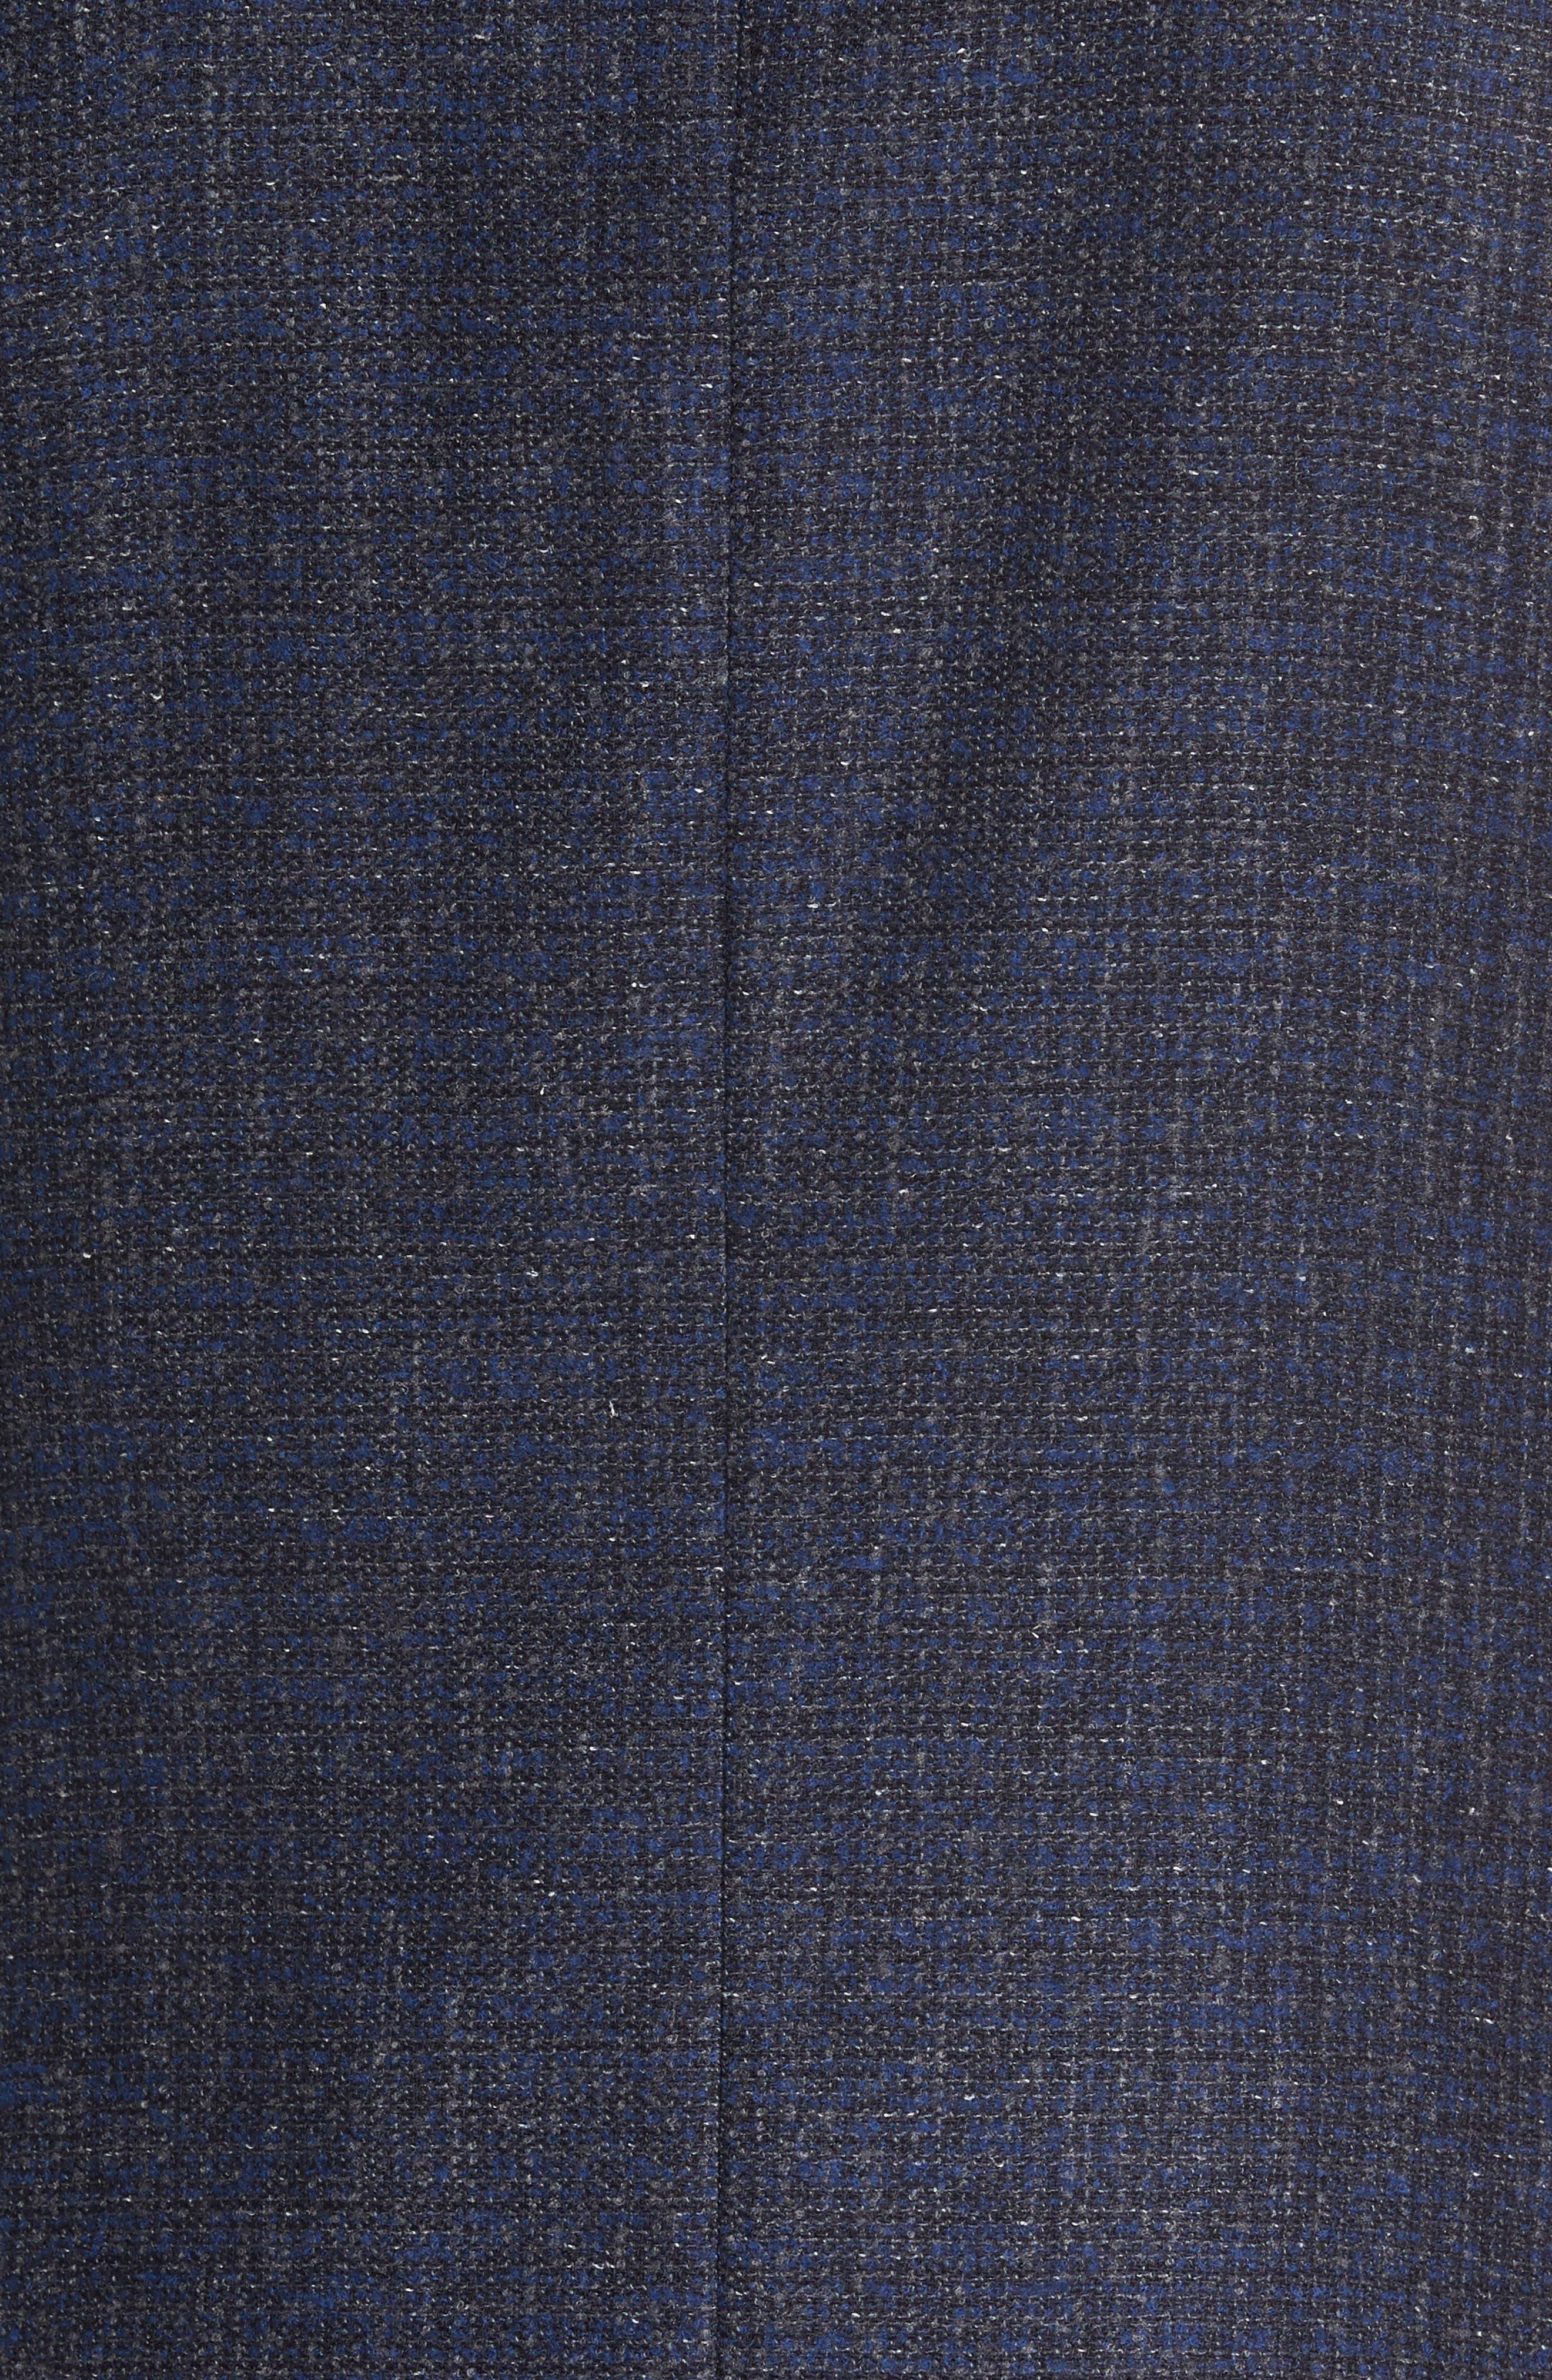 Kyle Trim Fit Wool Blend Blazer,                             Alternate thumbnail 6, color,                             400